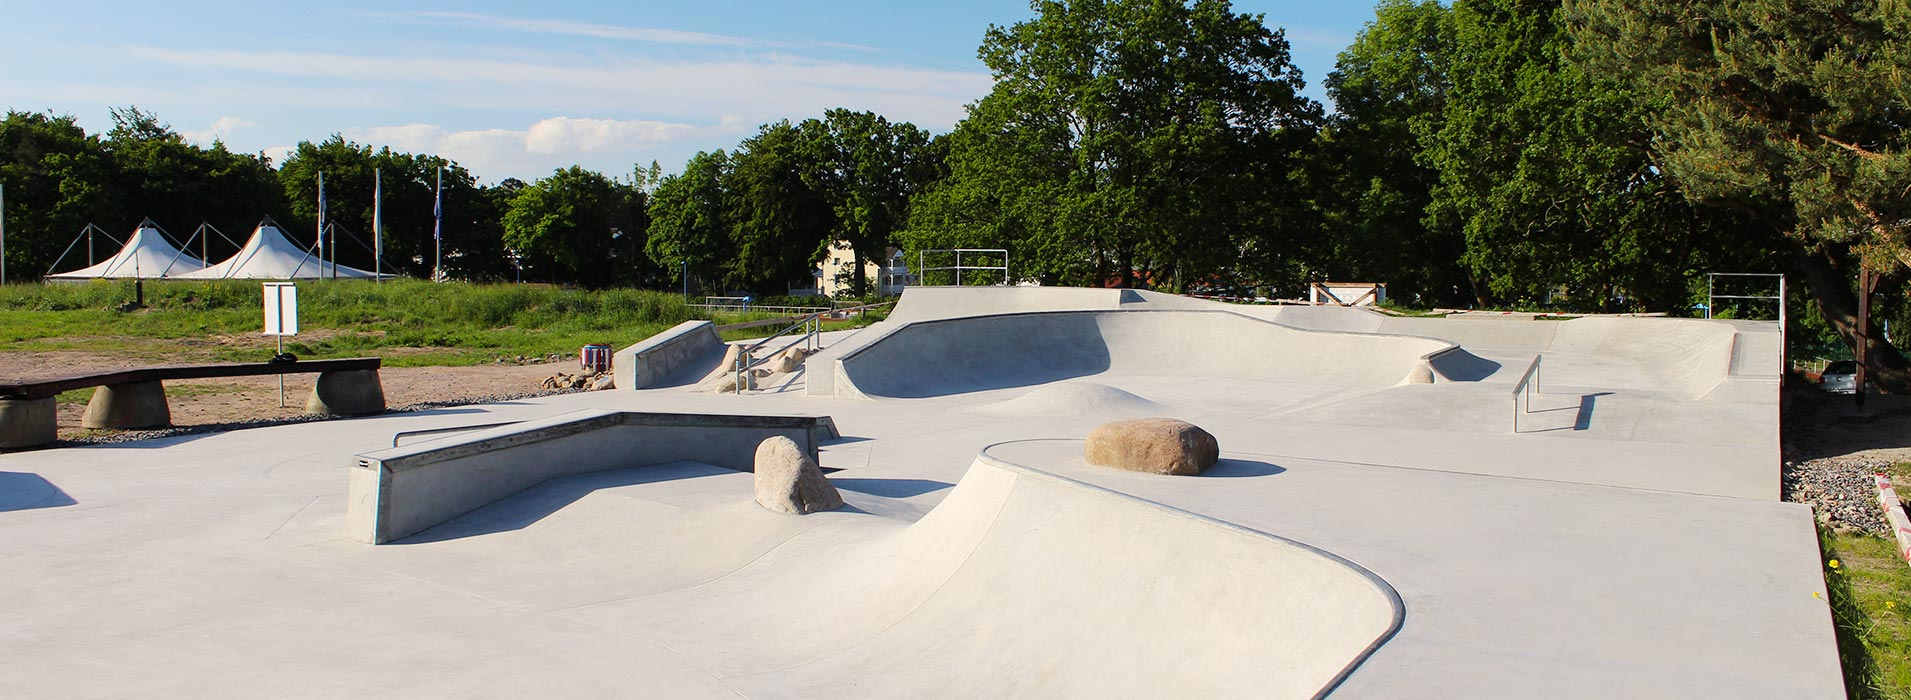 slider_skatepark_14